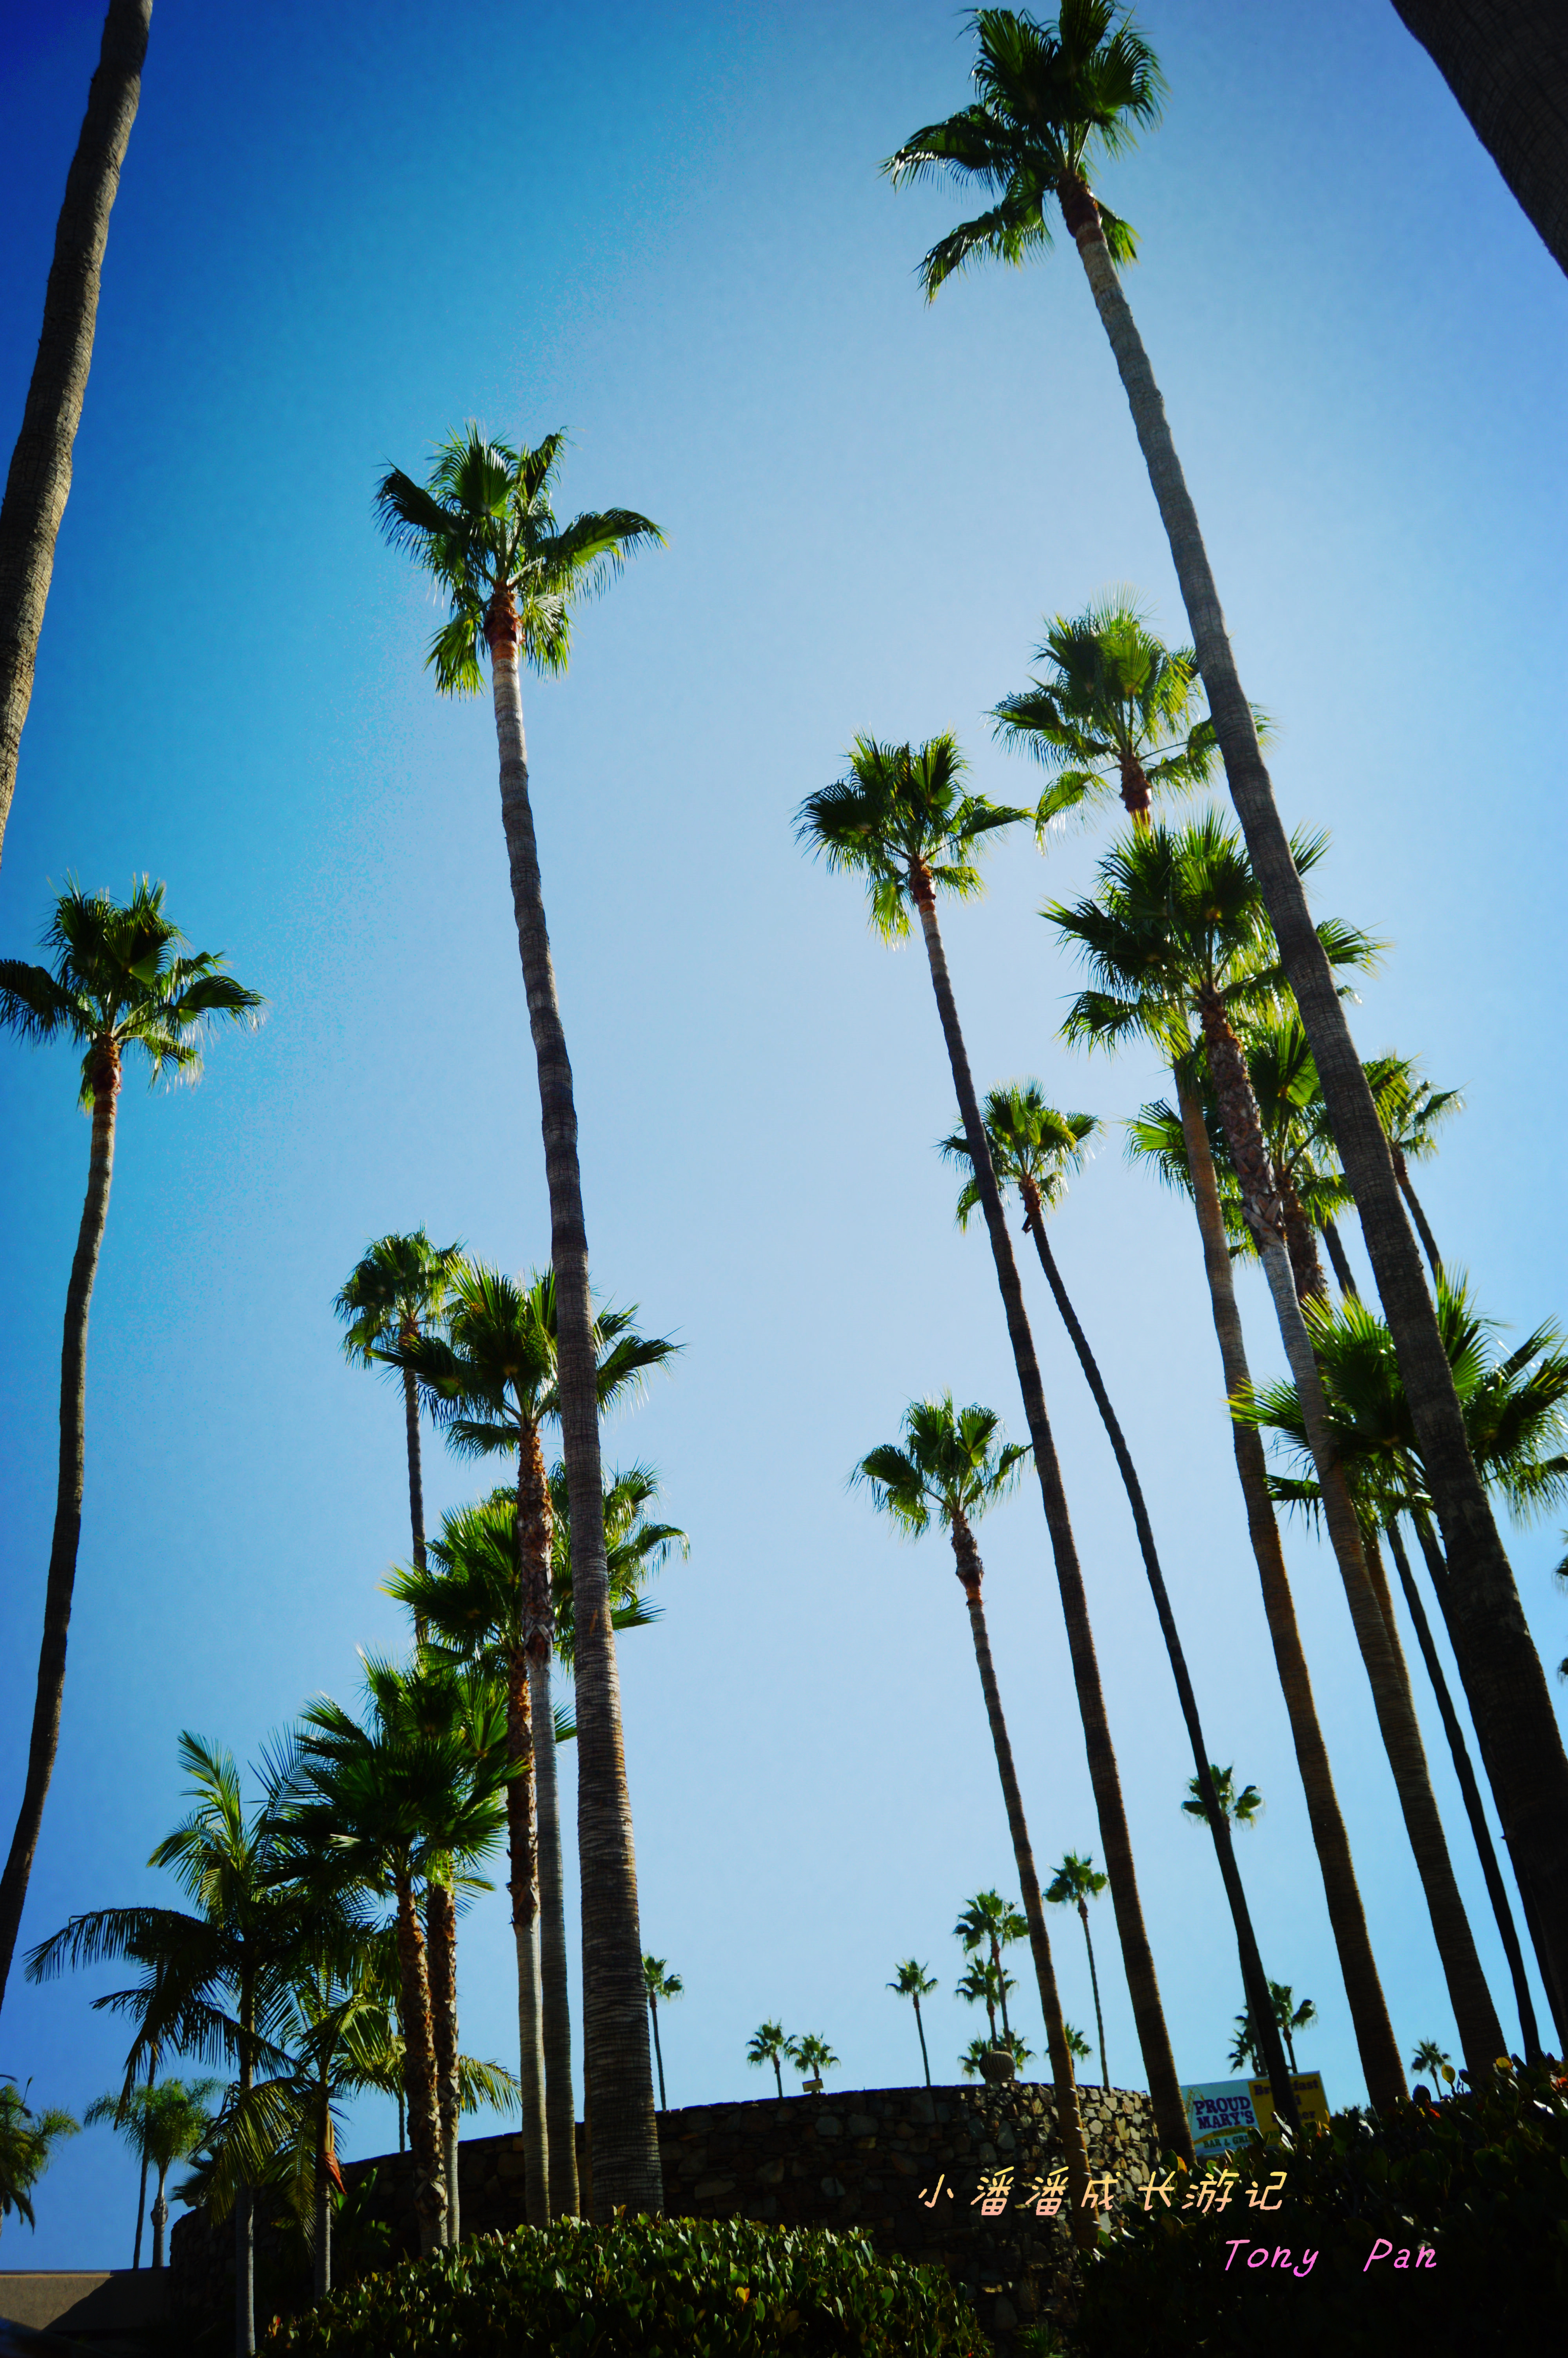 照片pk,黑白世界里的晚霞 vs 最遥远的棕榈树 - 蚂蜂窝